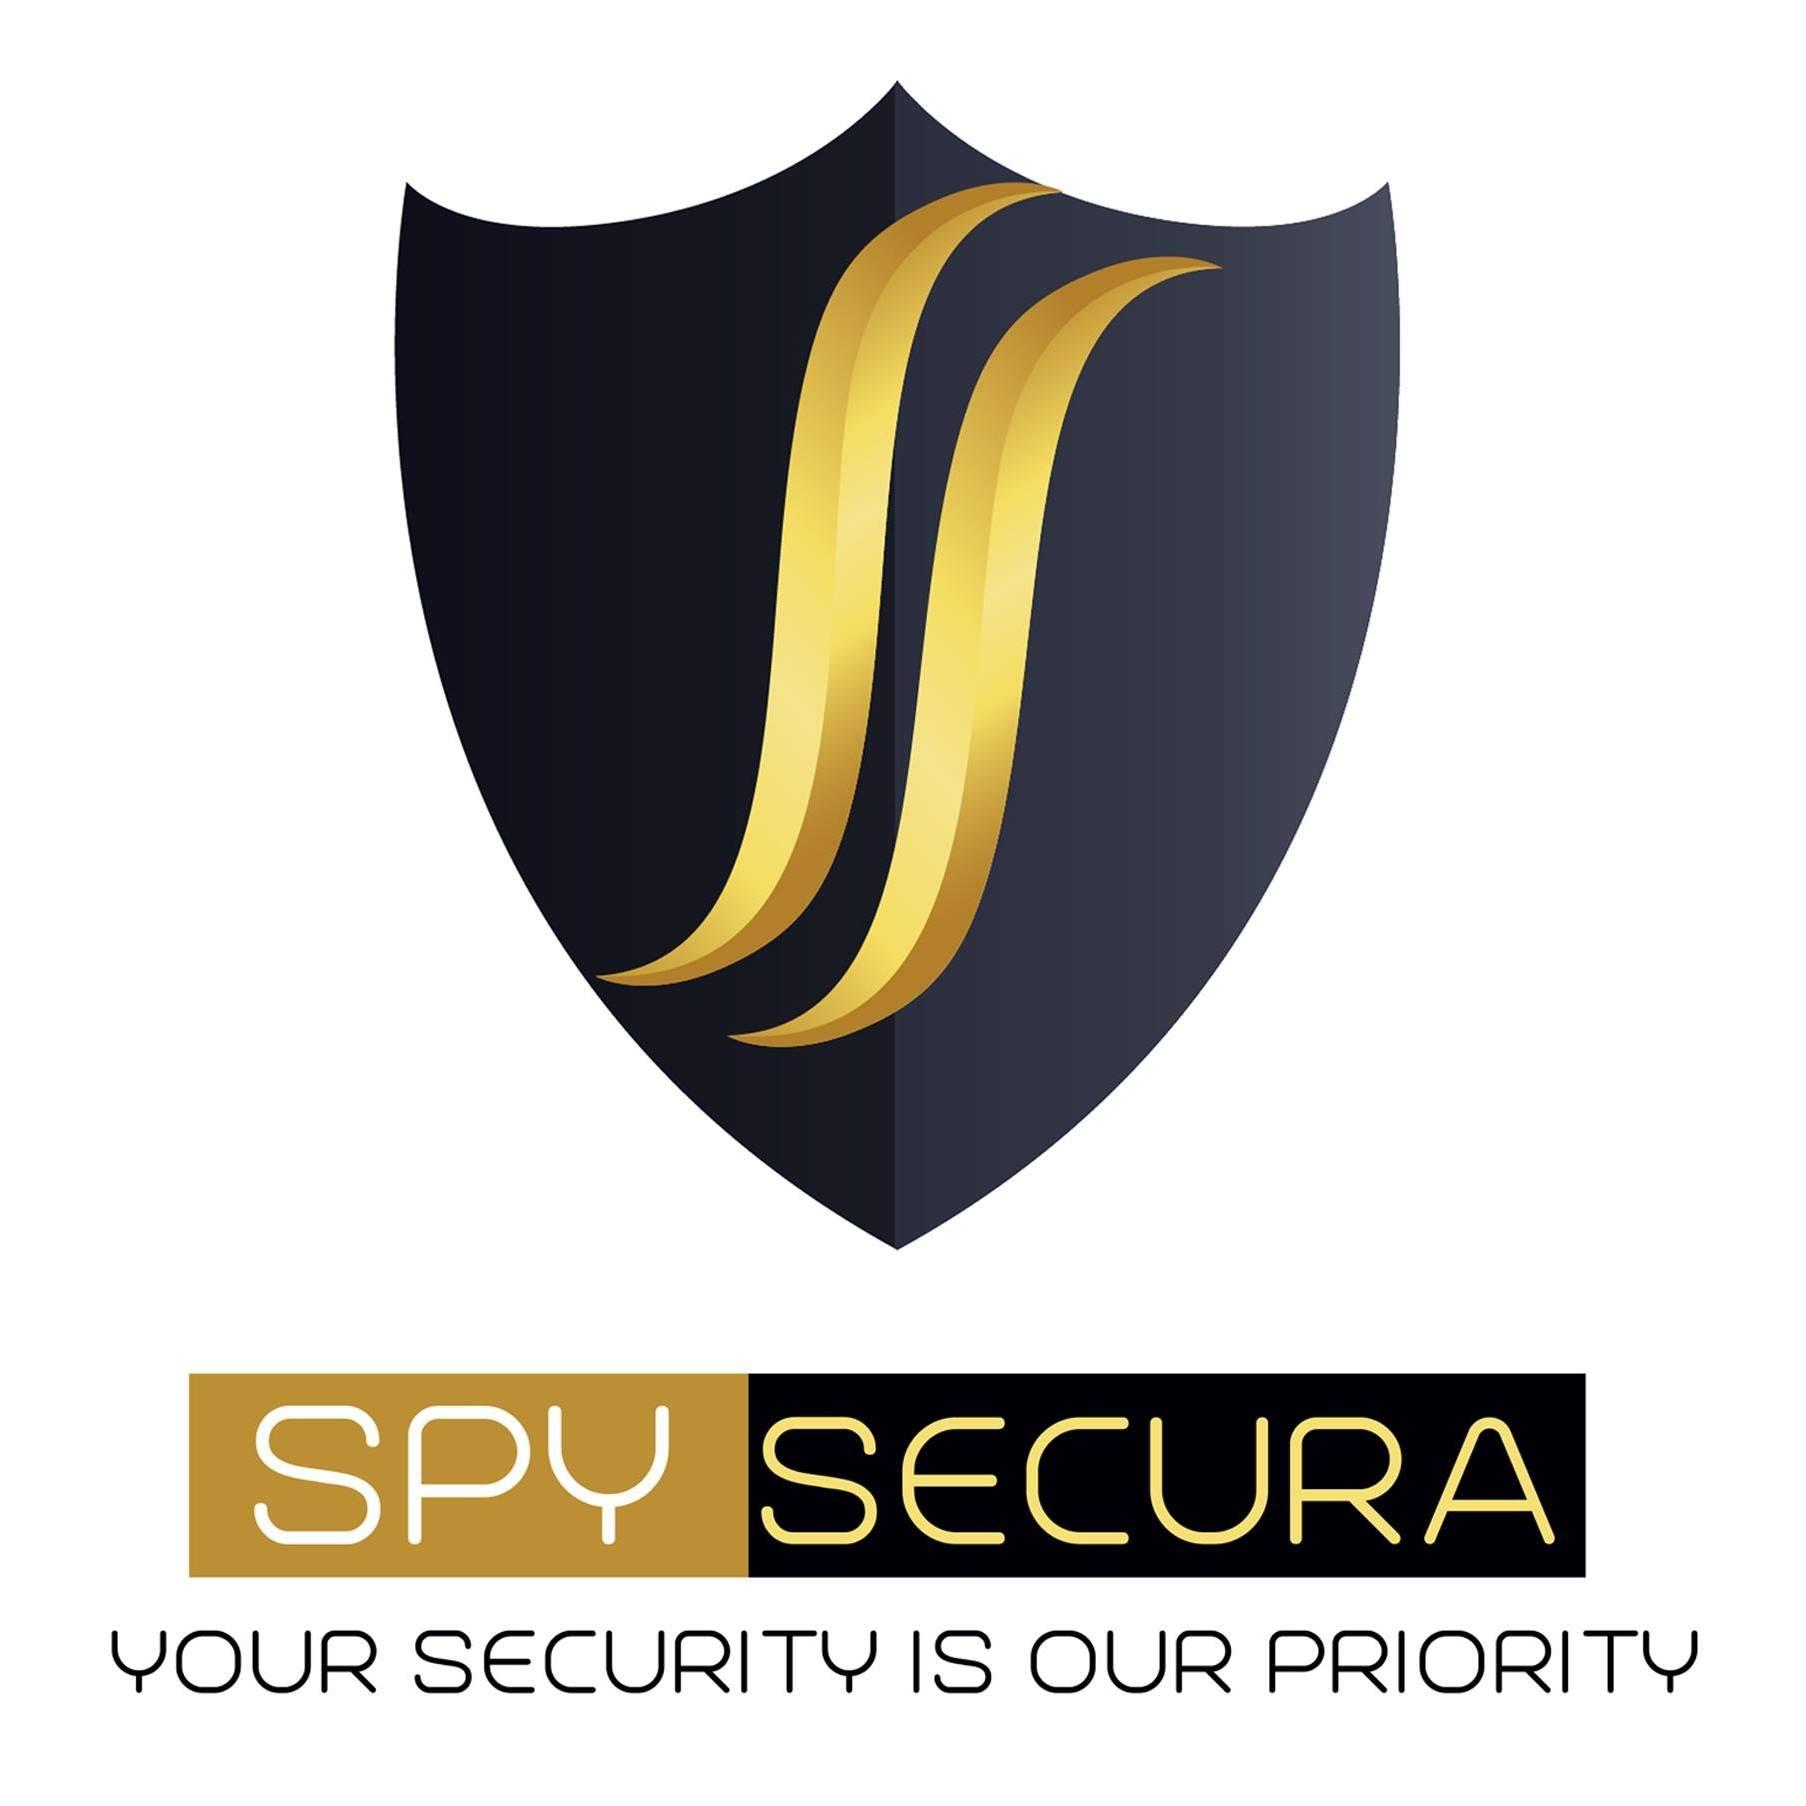 spy secura